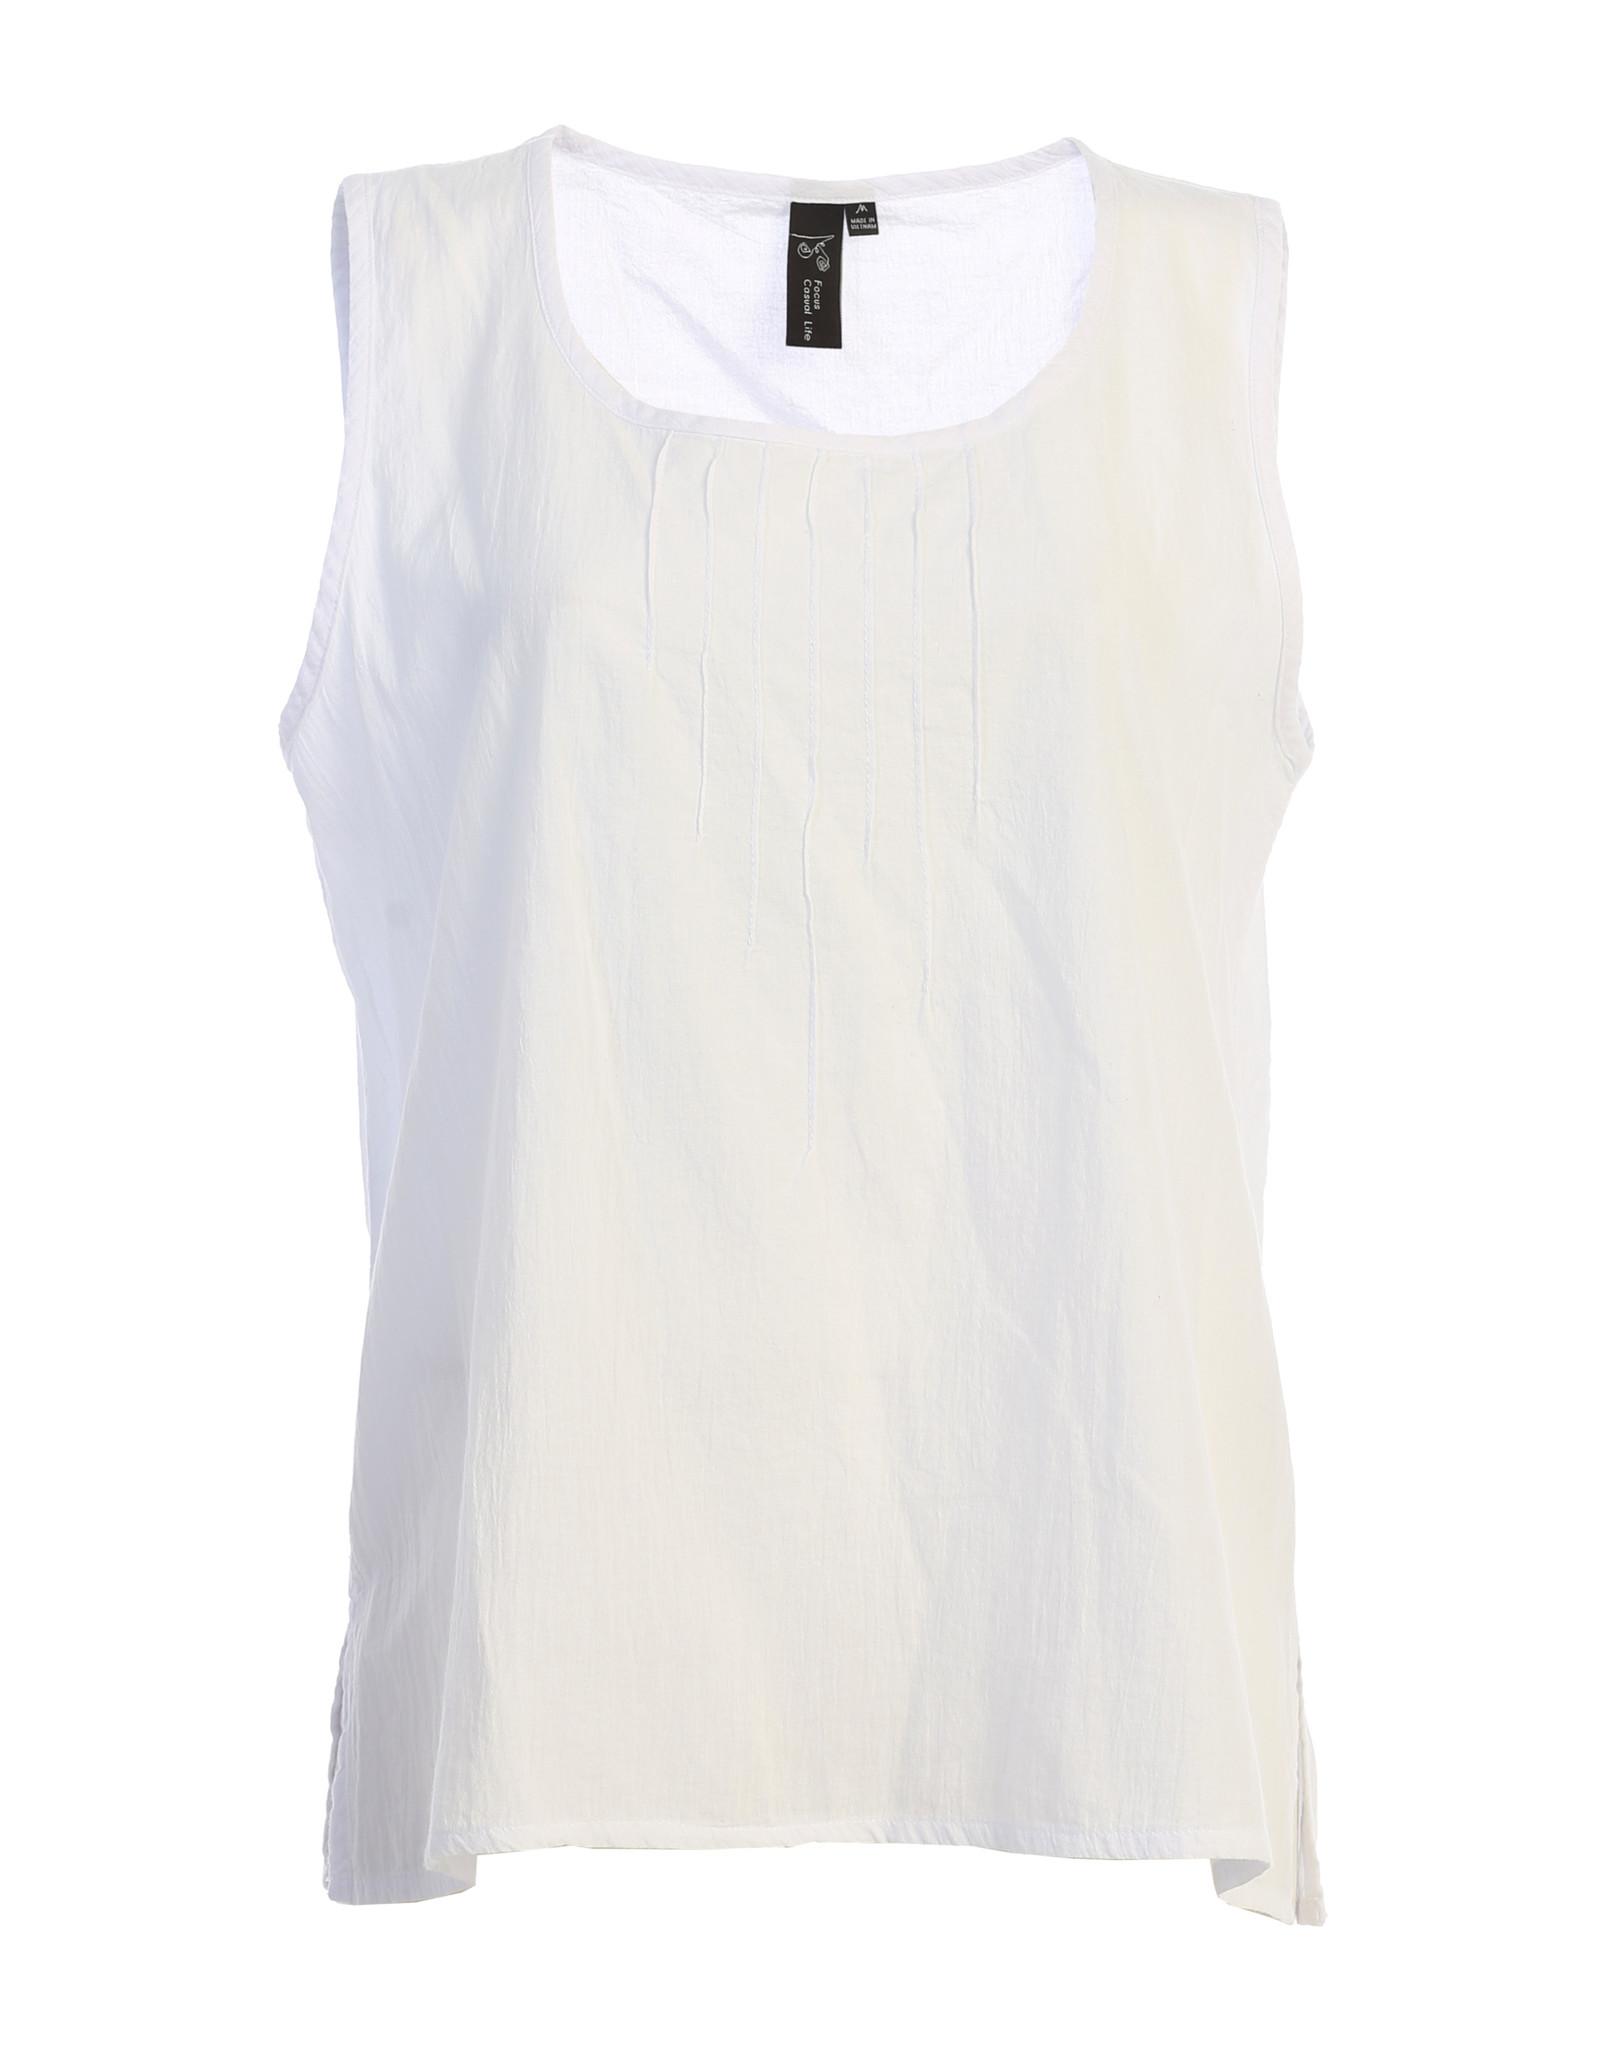 Focus Fashion Cotton Viole Top V304 (S1)